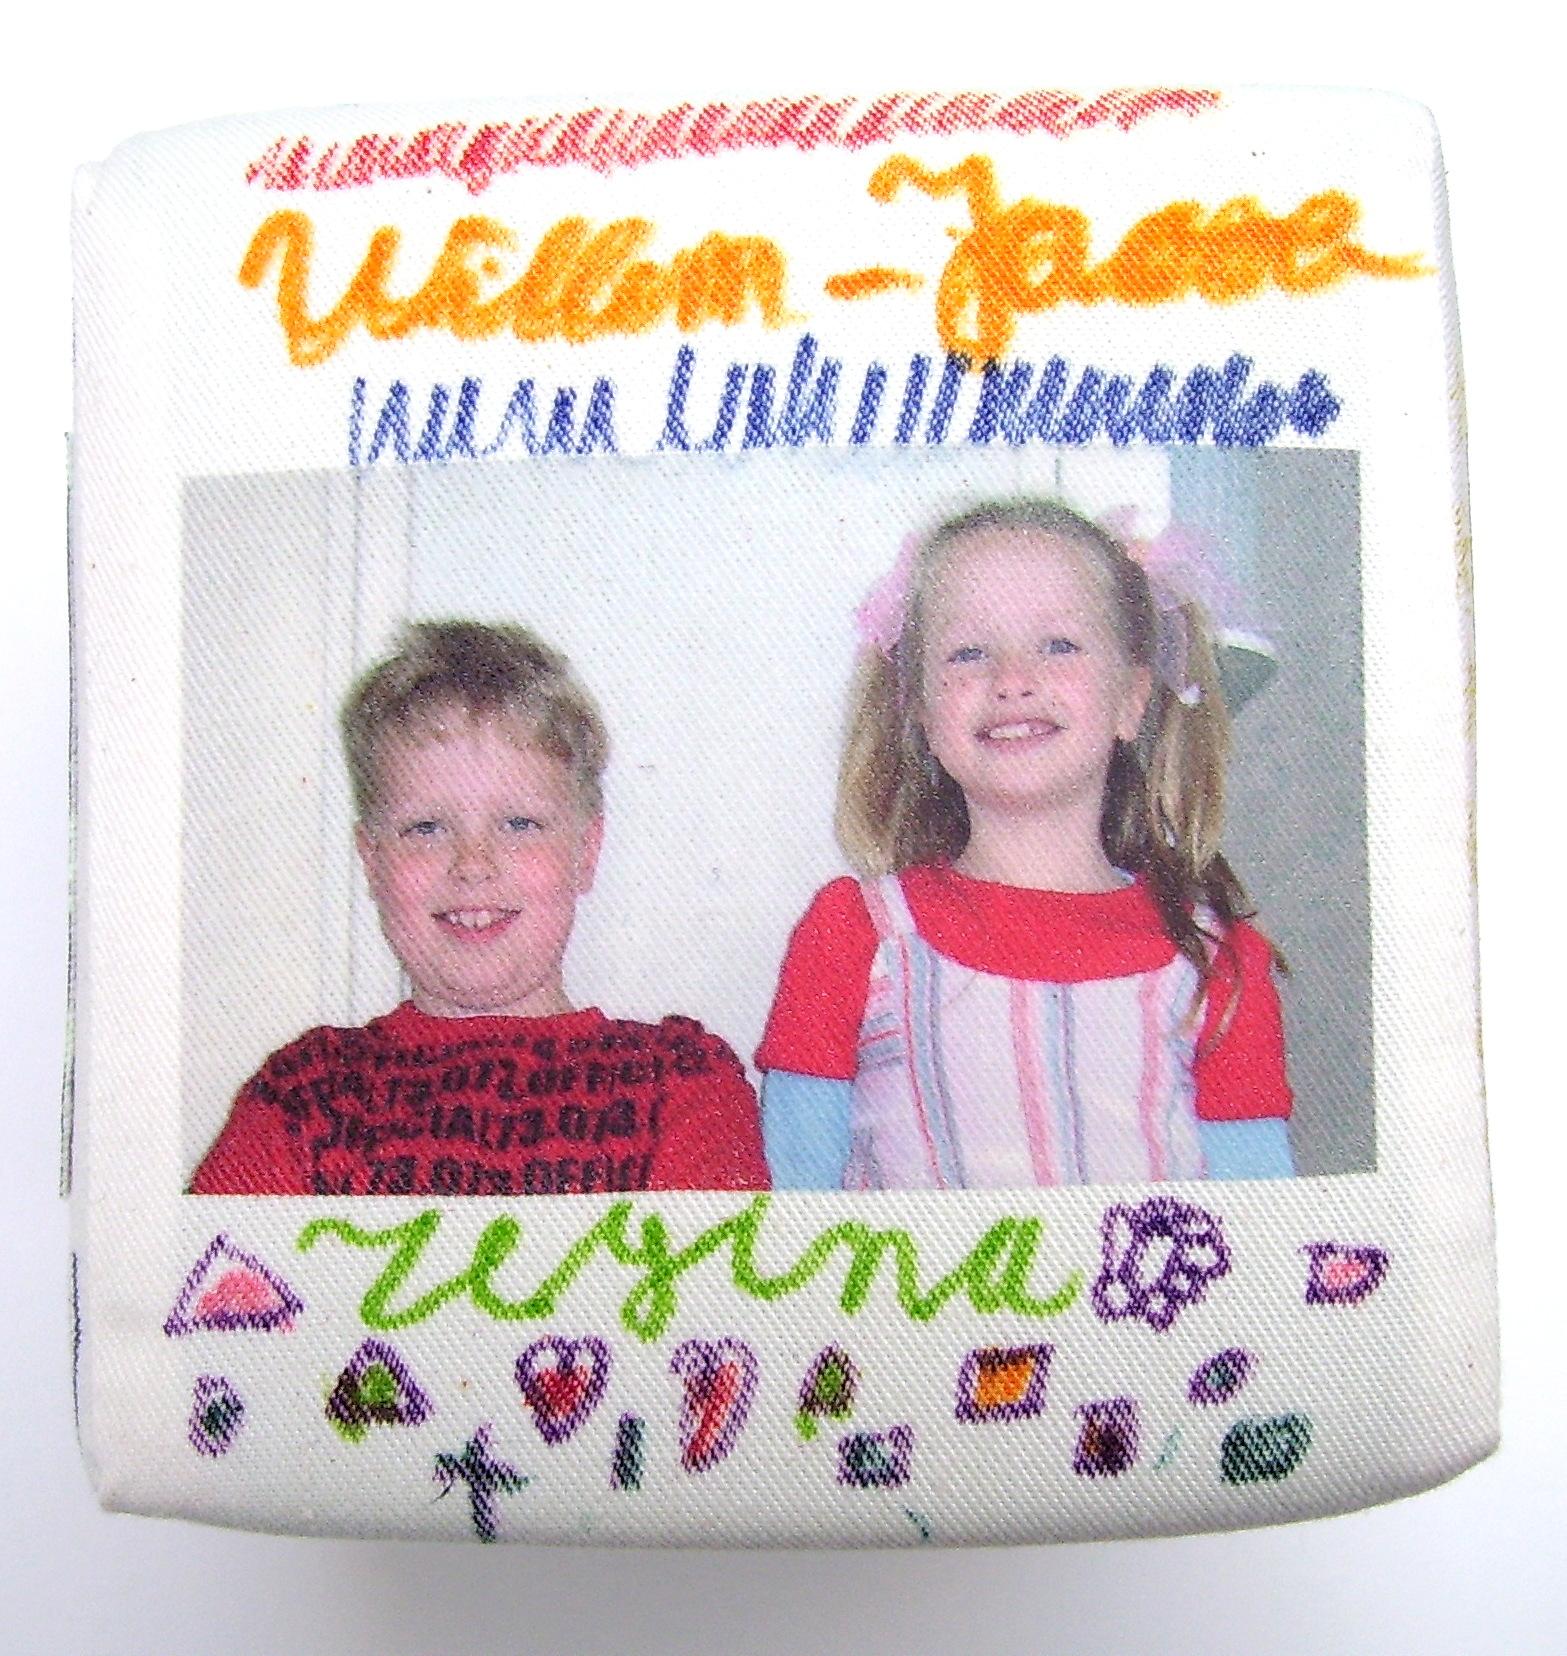 Fotokubus, strijk je mooiste foto en mooie tekst voor bij een foto op de fotokubus van Keepingtouch